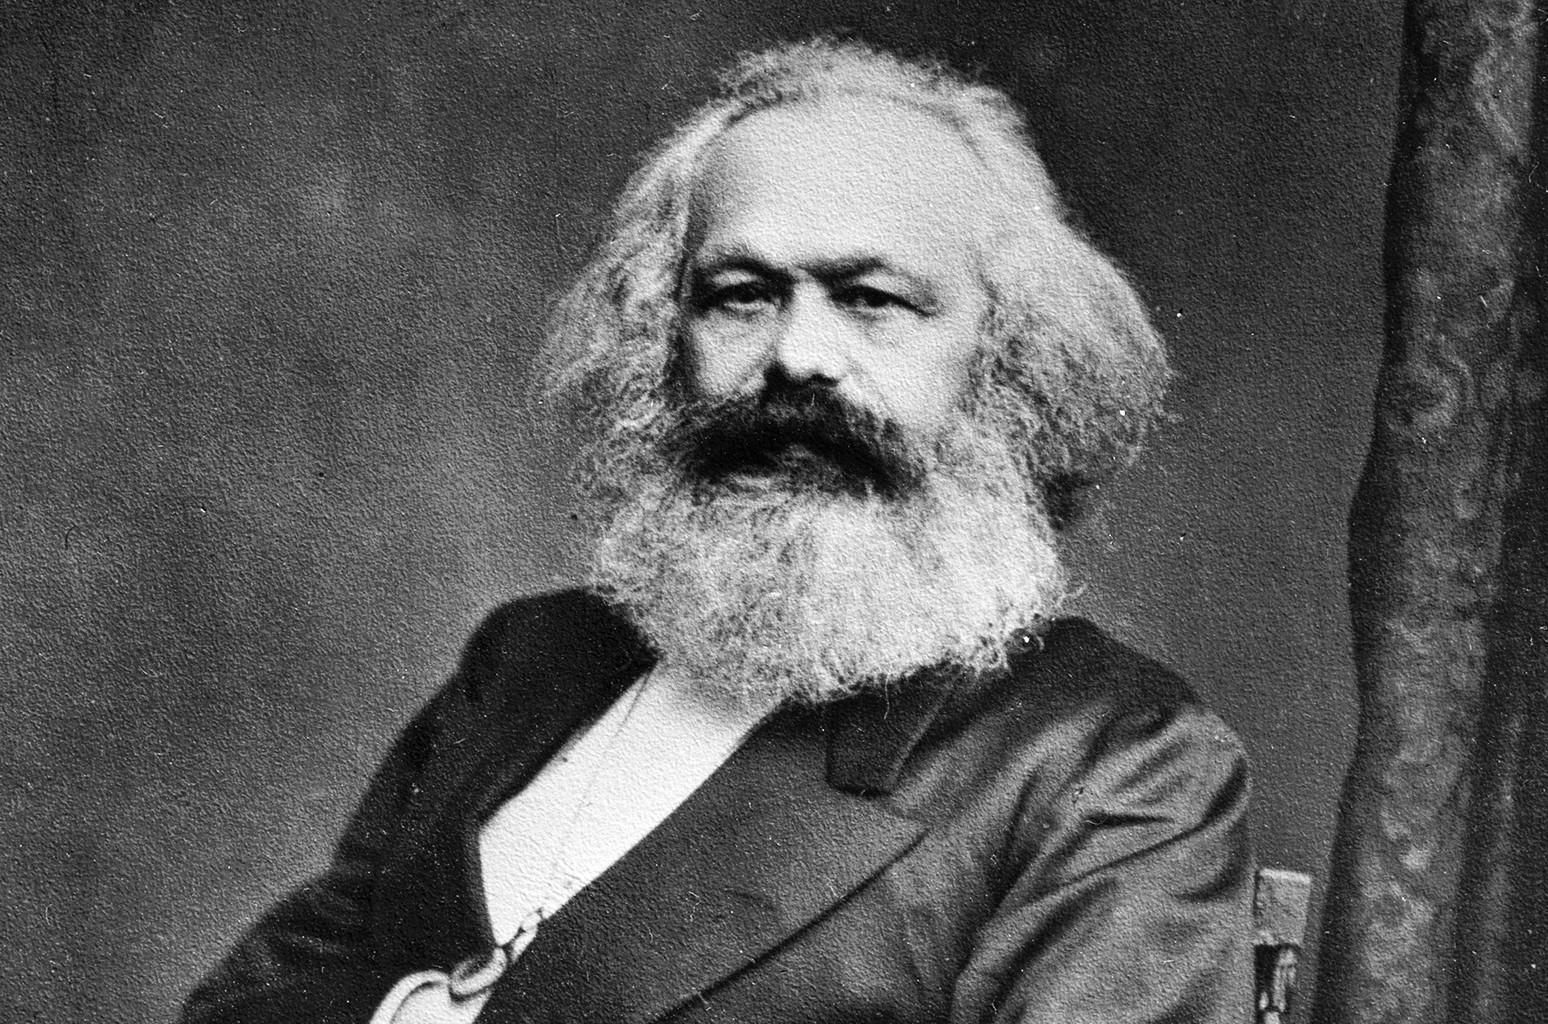 Karl Marx photographed circa 1865.